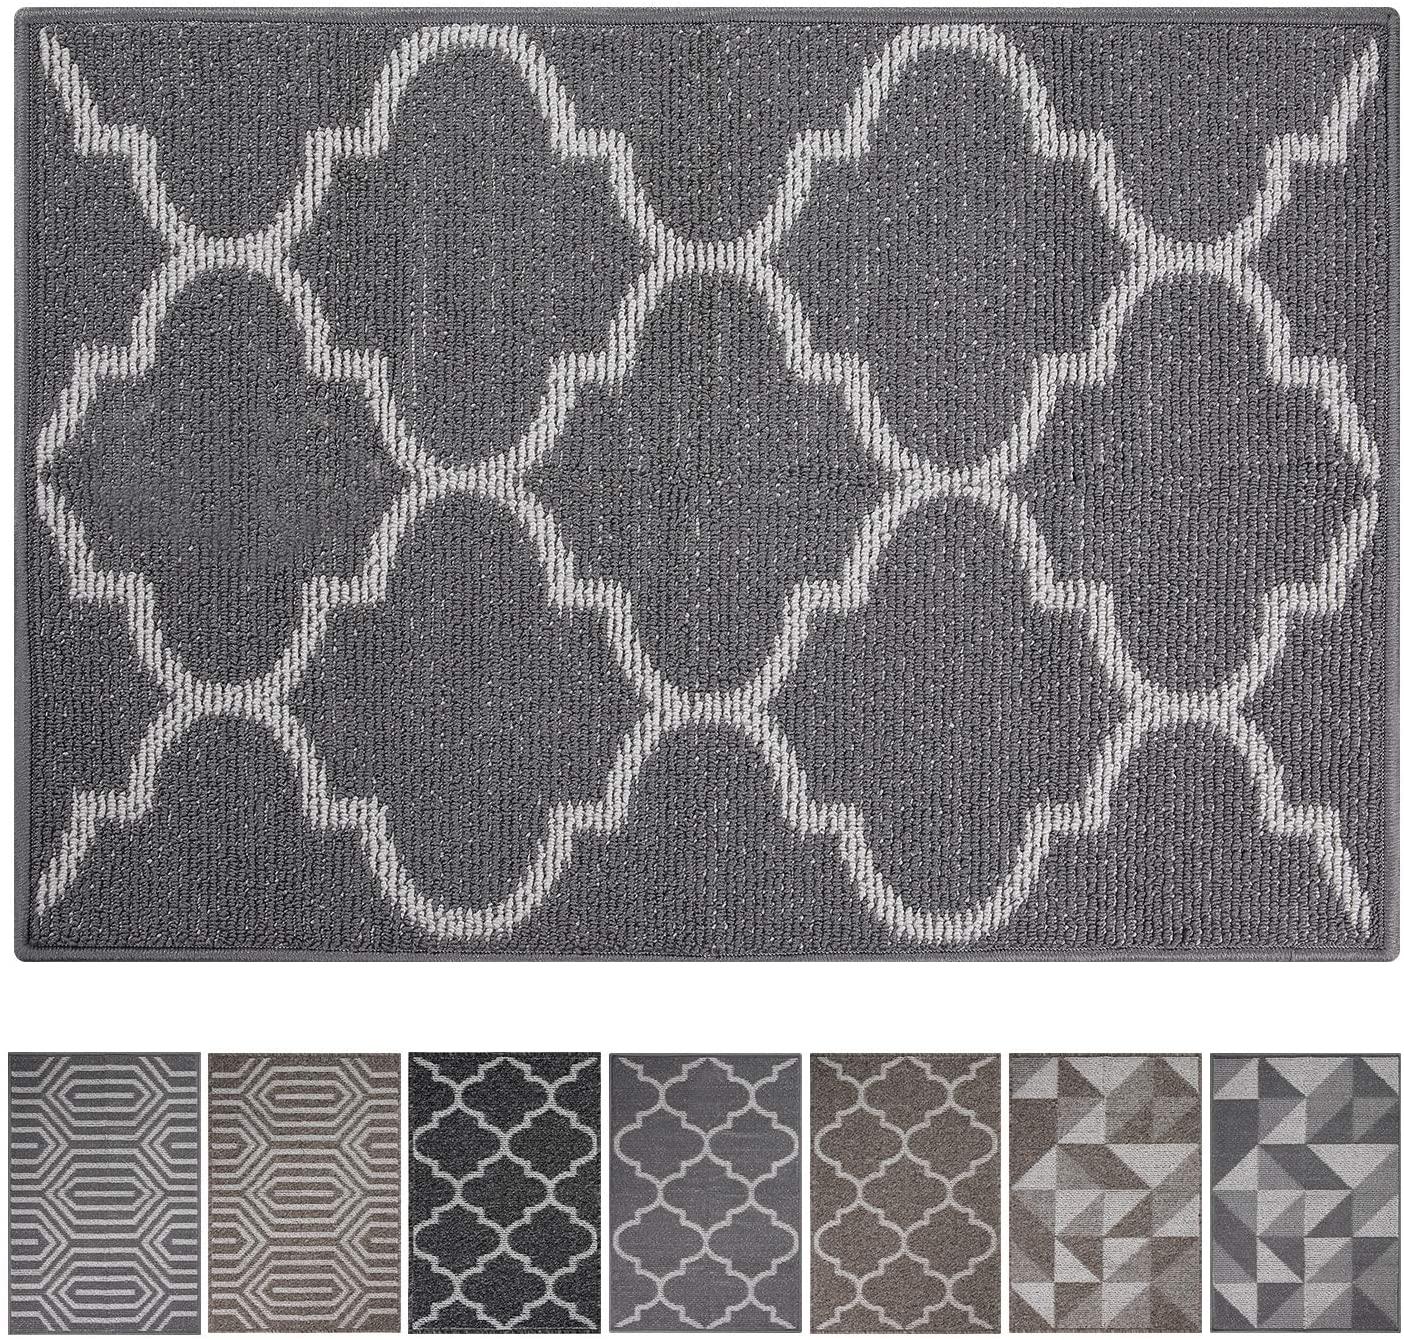 Kitinjoy Premium Durable Indoor Door Mat, Non Slip Absorbent Resist Dirt Entrance Rug, 24